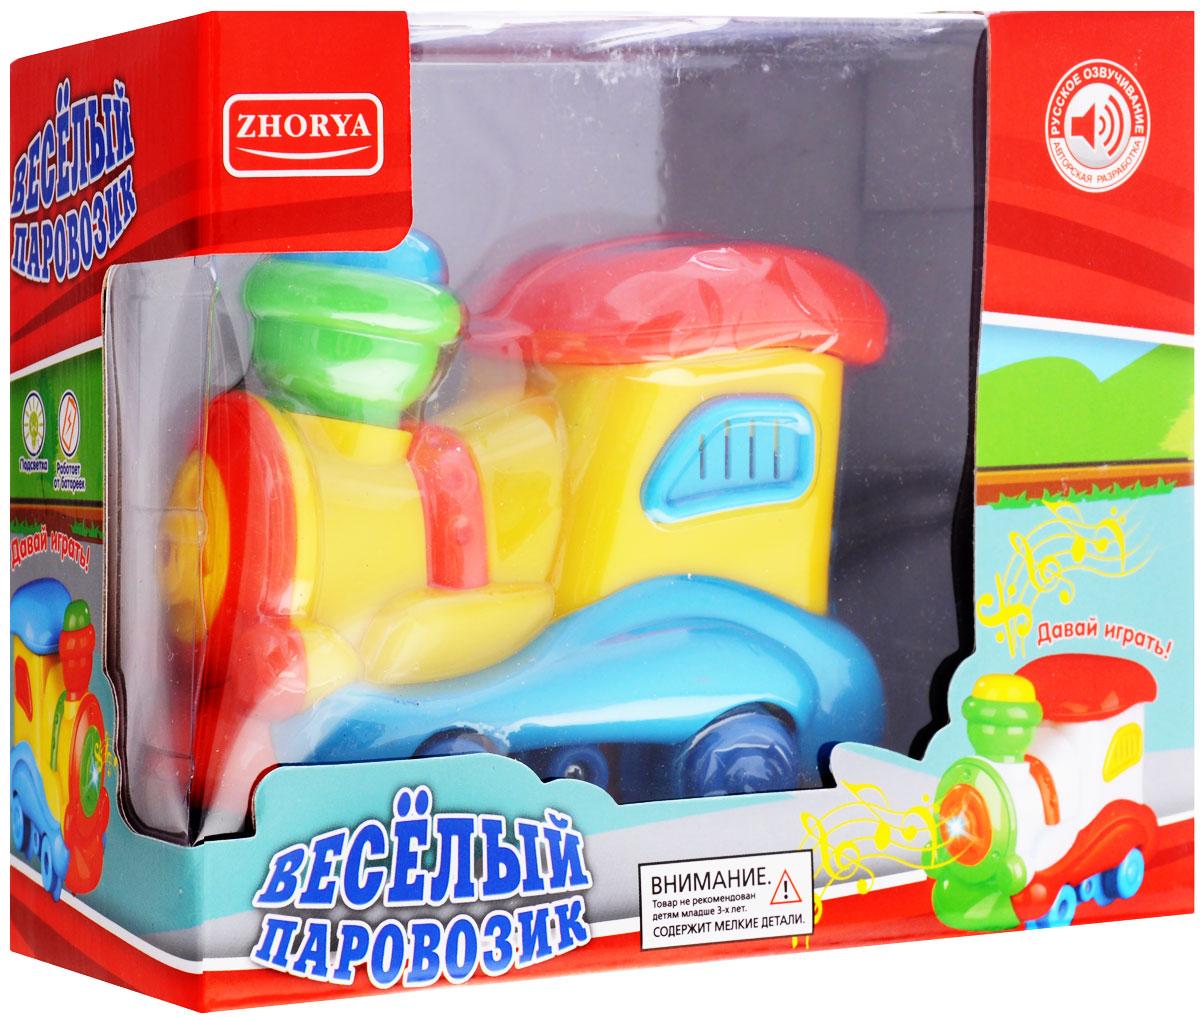 Zhorya Игрушка Веселый паровозикХ75387Веселый паровозик со световыми и звуковыми эффектами представляет собой реалистичную копию настоящего локомотива. Игрушка создана в забавном, красочном стиле. Кузов имеет округлые очертания, что очень нравится детям. Когда паровозик едет, он поет веселую песенку и мигает фарой. Такая игрушка поможет малышу развить цветовое восприятие, мелкую моторику рук, координацию движений, фантазию и воображение. Паровозик разнообразит игровые ситуации и откроет малышу новые сюжеты. Не упустите шанс порадовать своего ребенка замечательным подарком! Для работы требуются 2 батарейки типа АА (не входят в комплект).